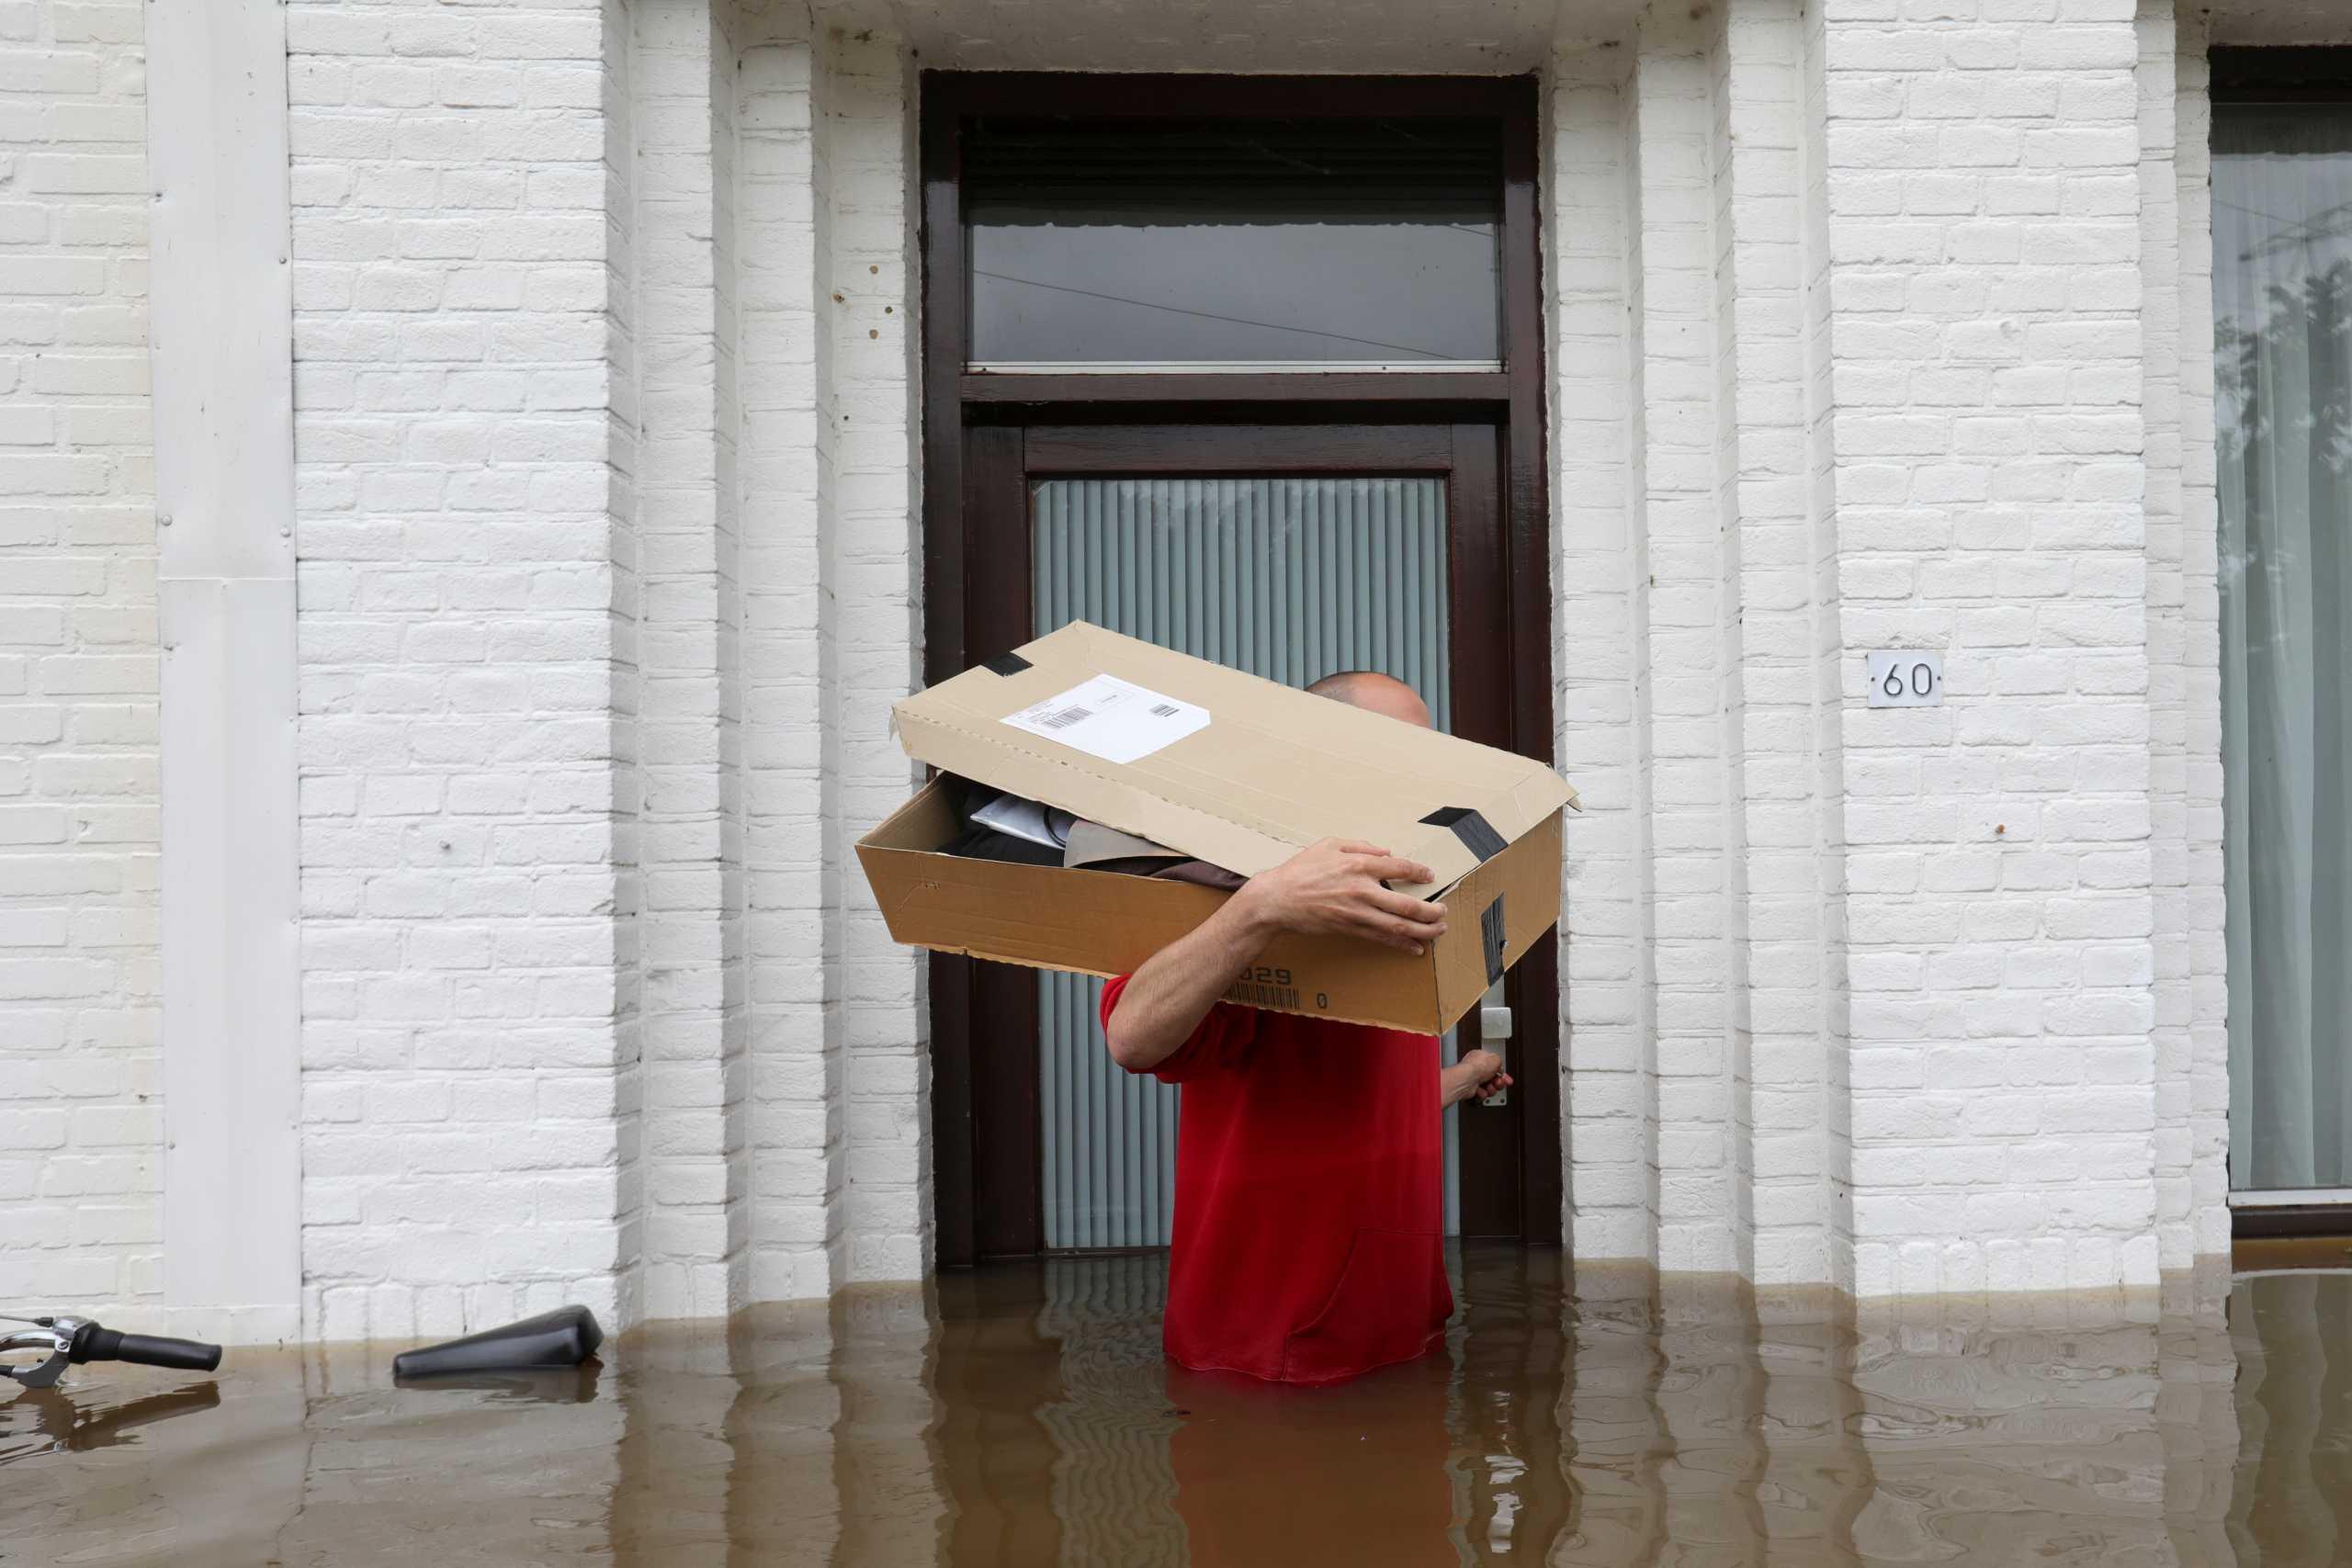 Ολλανδία: Σε κατάσταση συναγερμού λόγω υπερχείλισης των ποταμιών